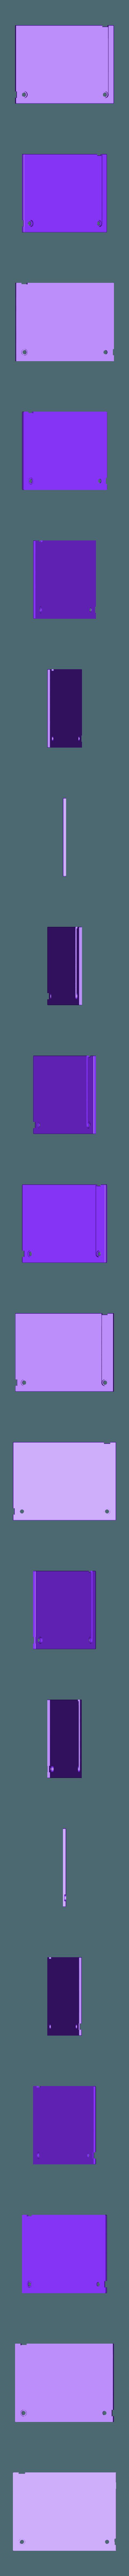 Tapa superior funko.STL Télécharger fichier STL Boîte à lumière Funko Pop • Plan pour imprimante 3D, SnakeCreations